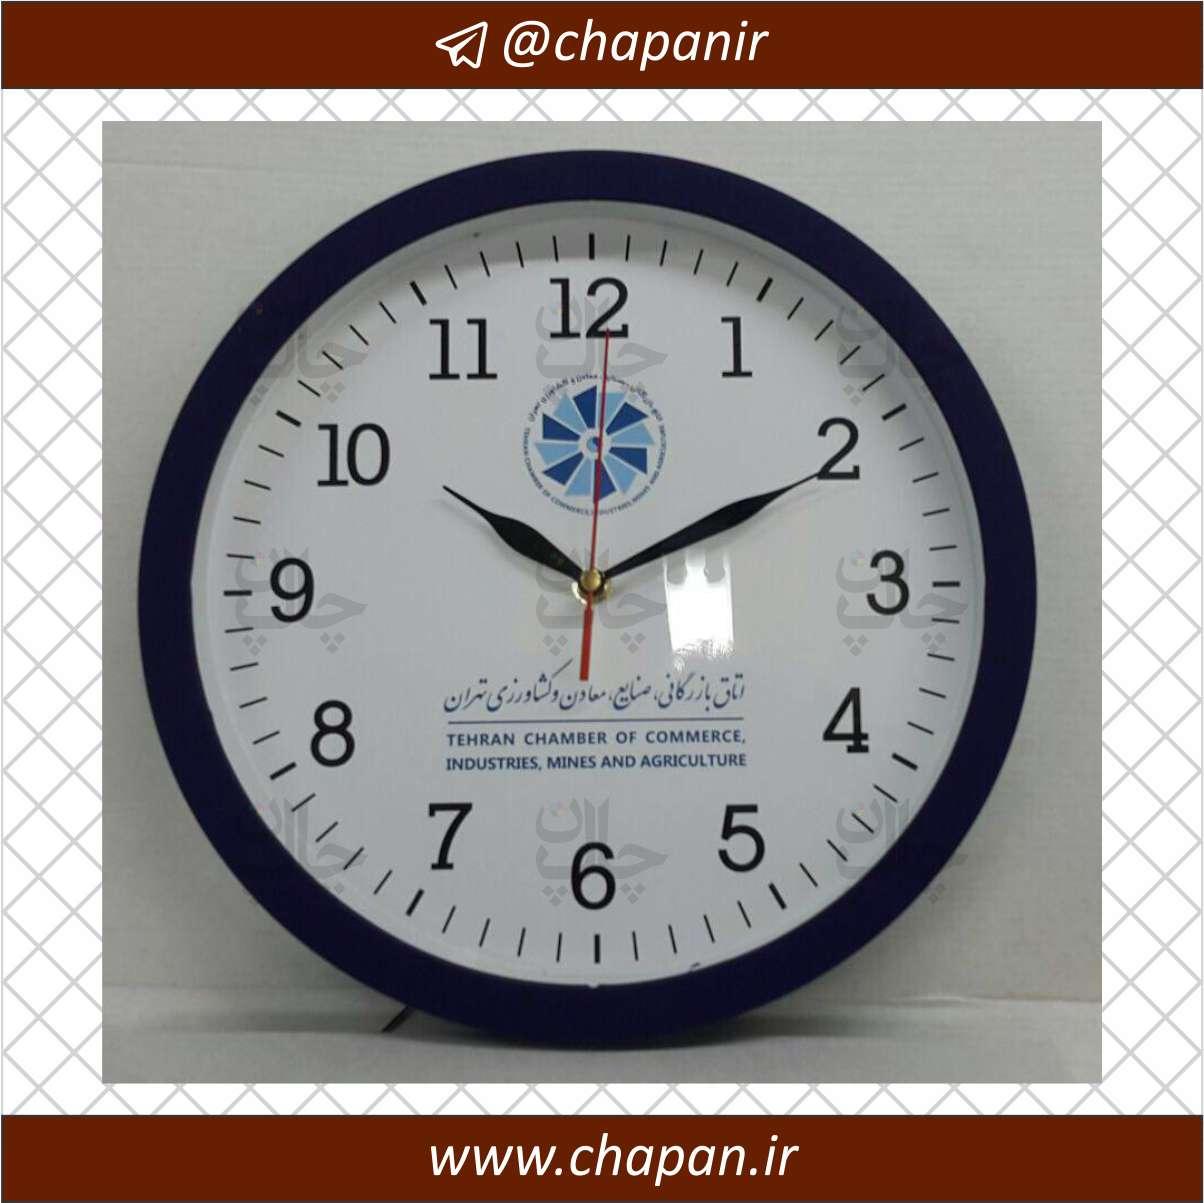 اتاق بازرگاني - ساعت دیواری قطر 30